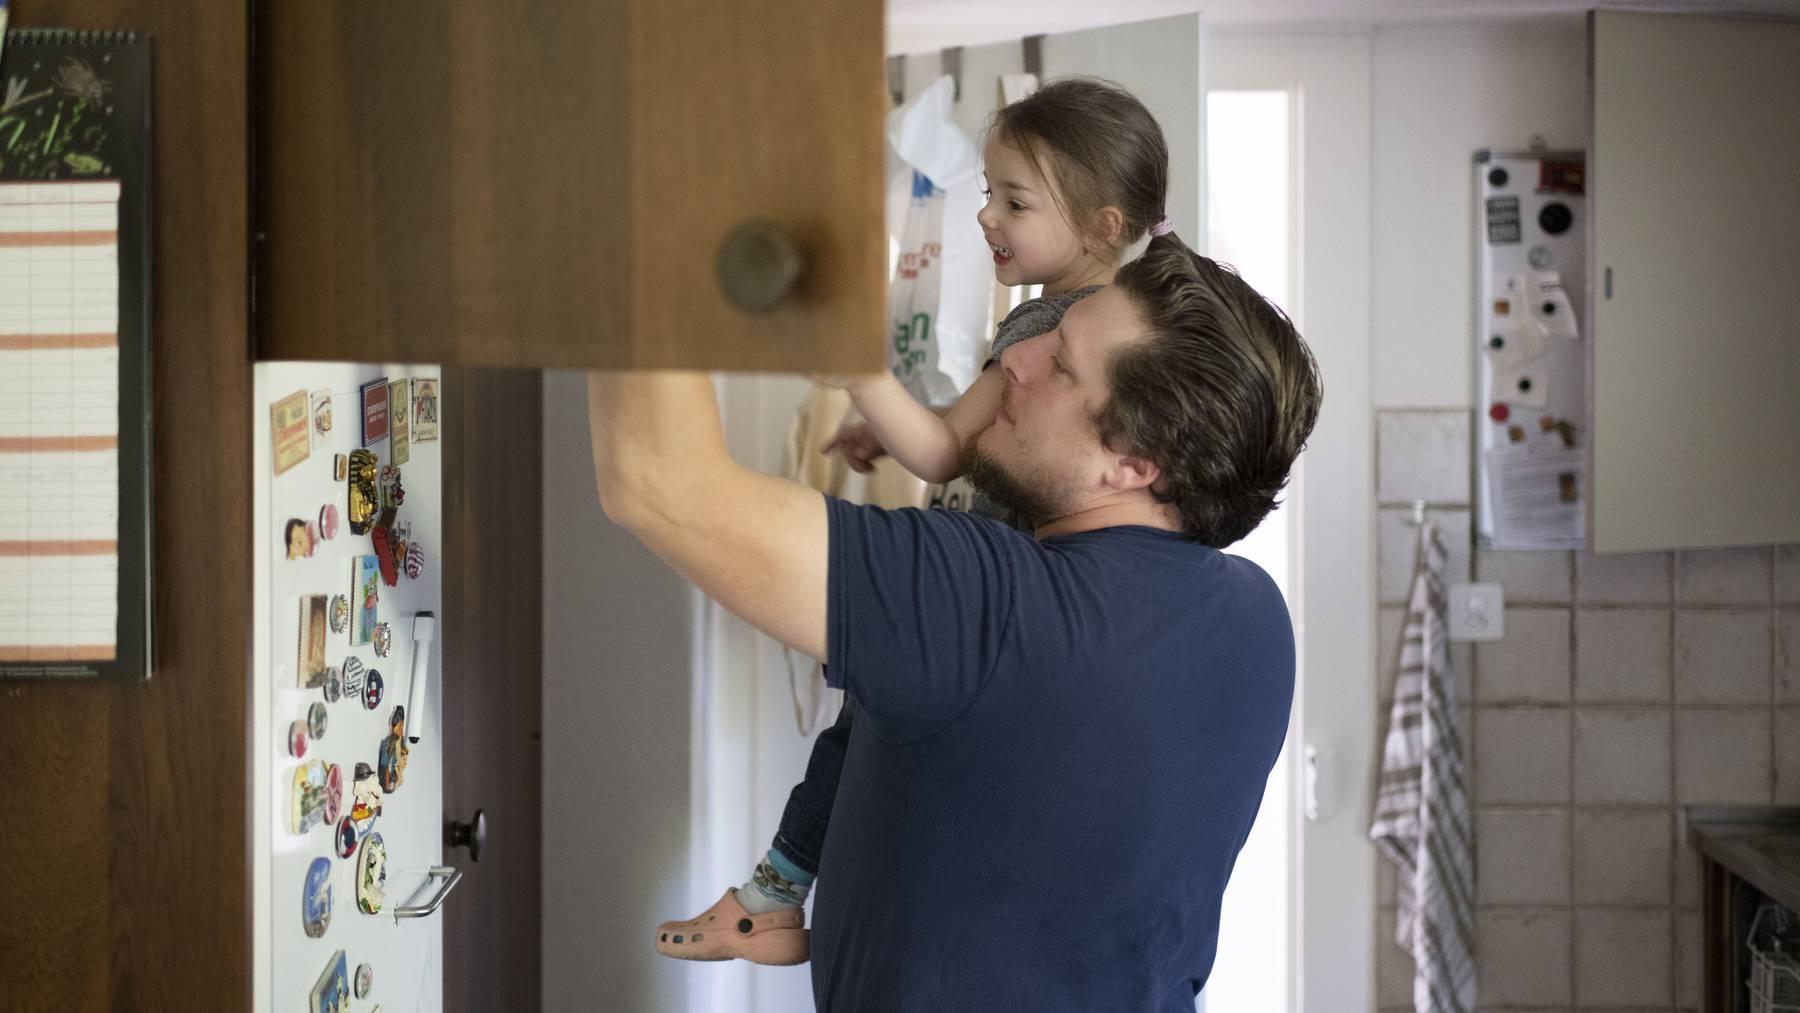 Unter der Woche ein seltenes Bild: Ein Vater schaut mit seiner Tochter vor dem Zmittag in den Kühlschrank.